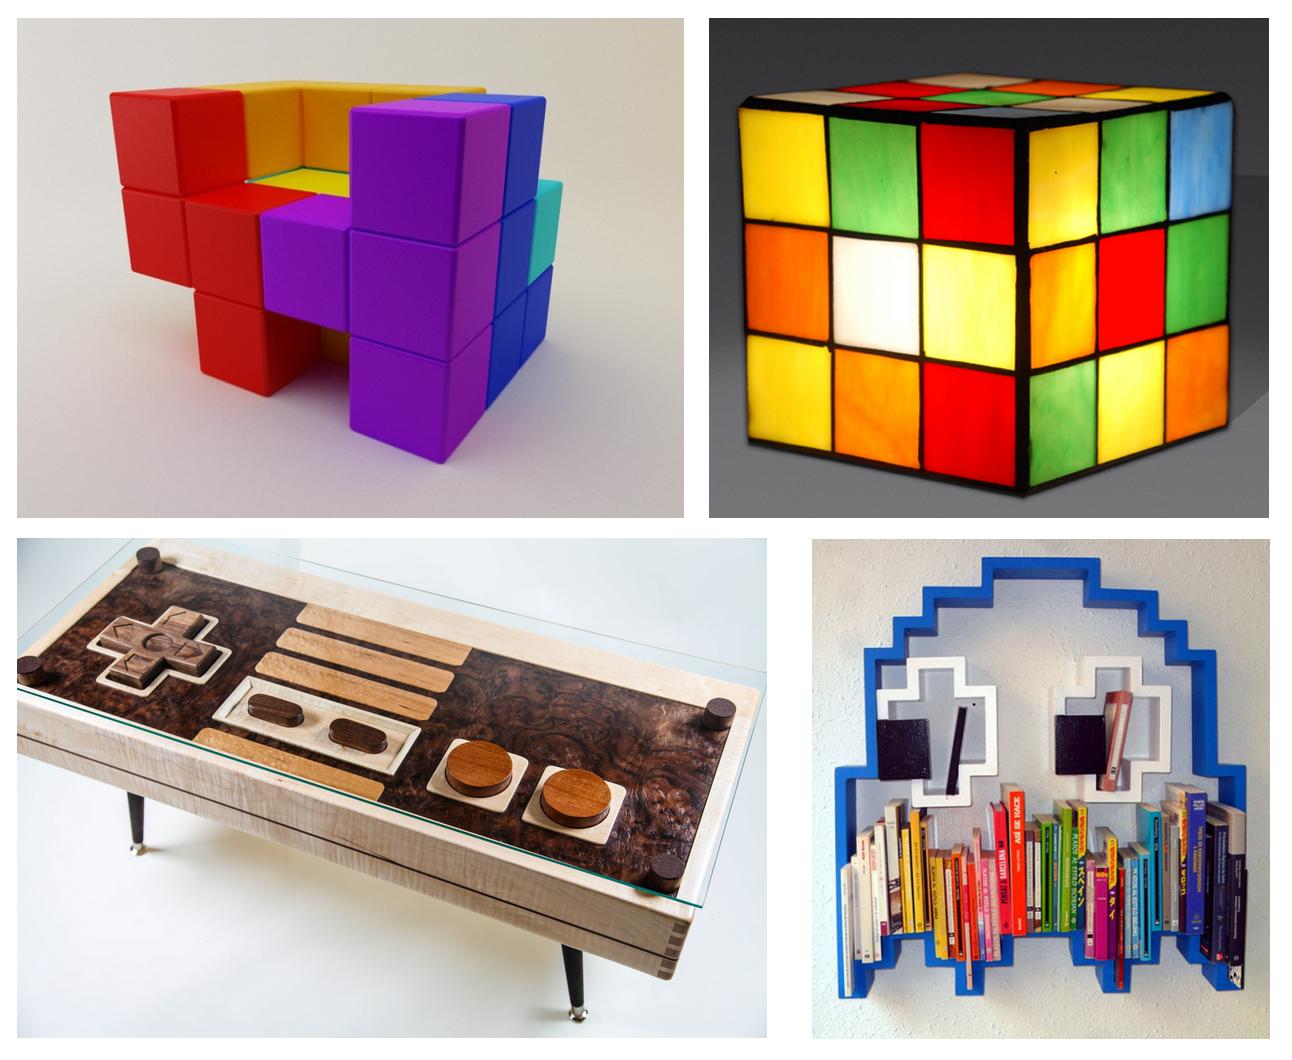 Des meubles geek pour d corer sa maison cuboak - Jeux de chambre een decorer ...